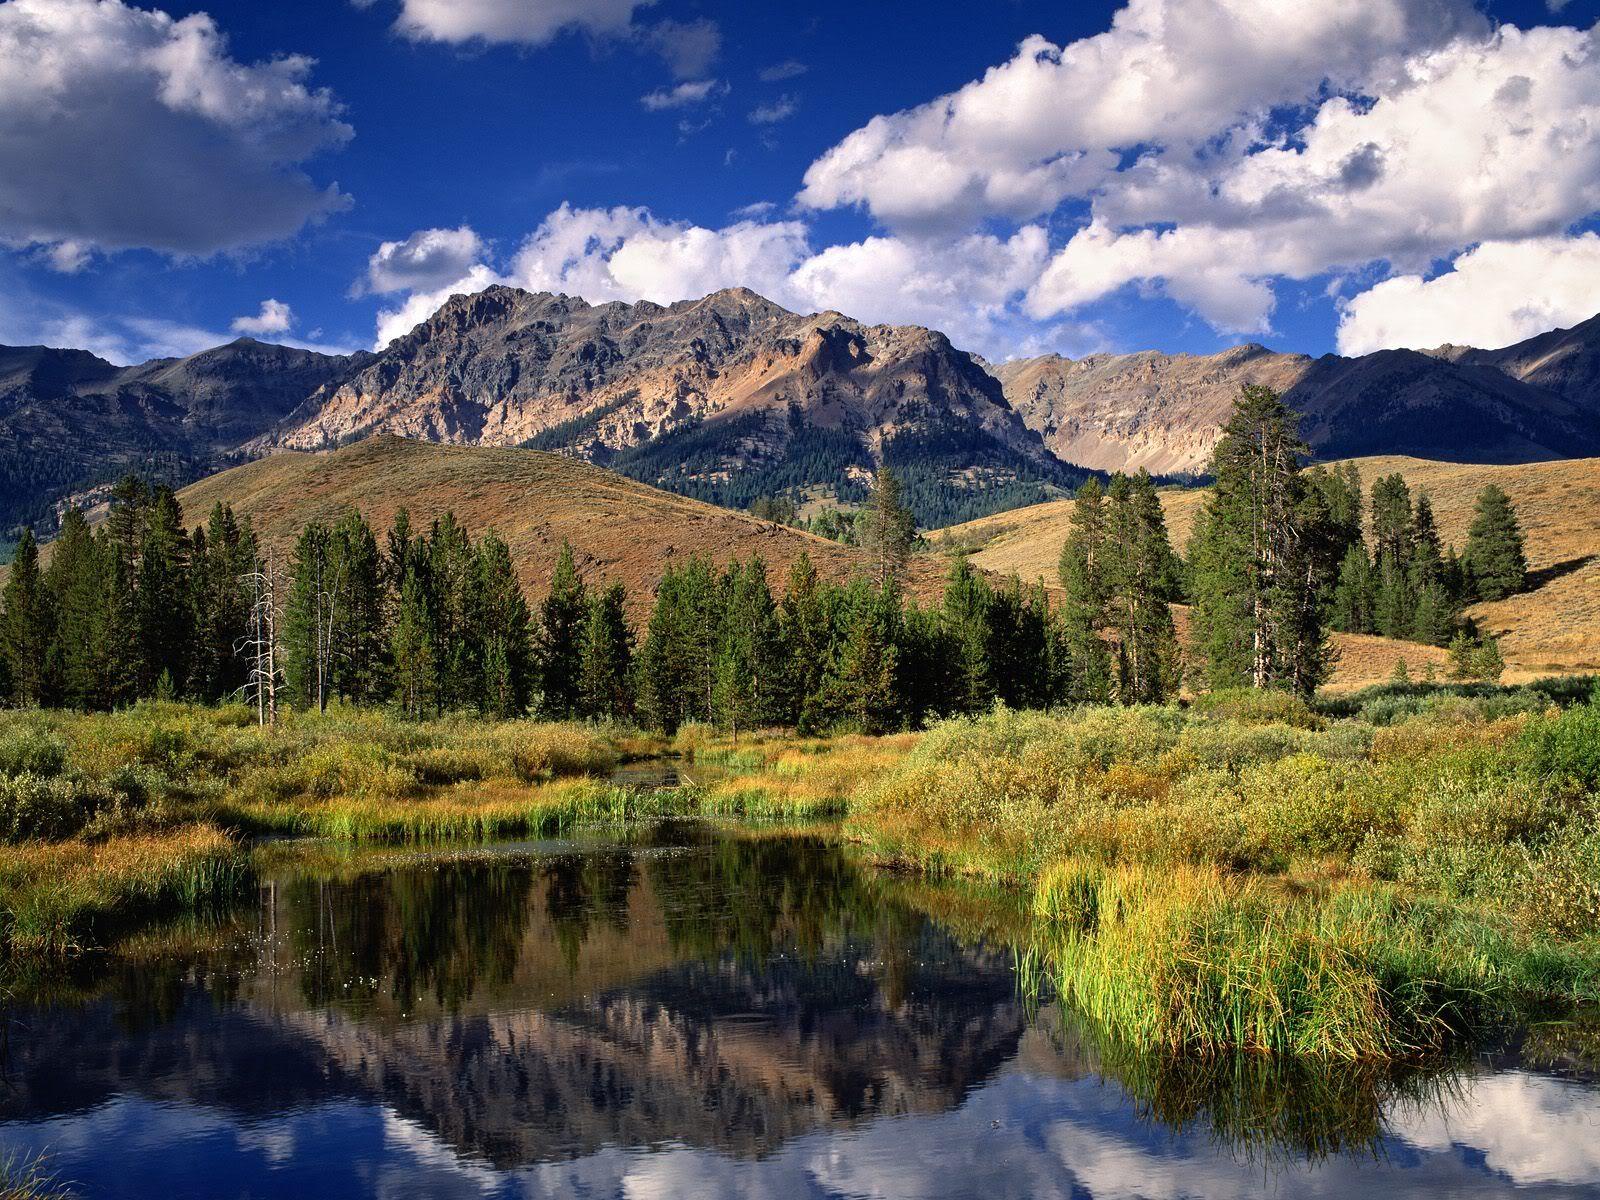 montañas de la foto: Montañas Ch g